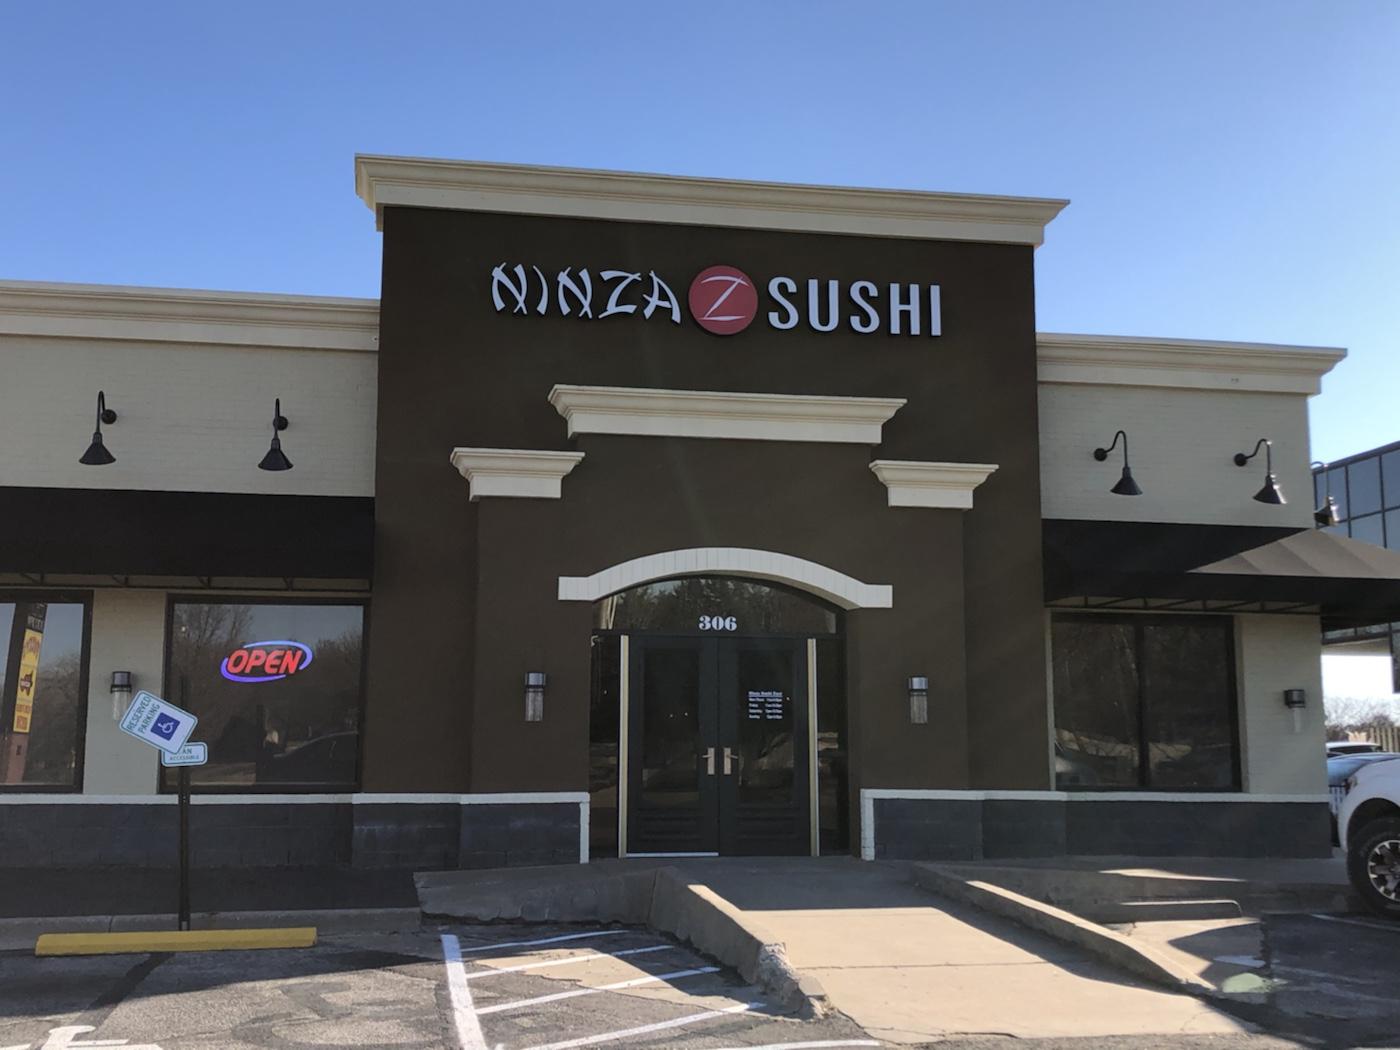 Ninza Sushi East